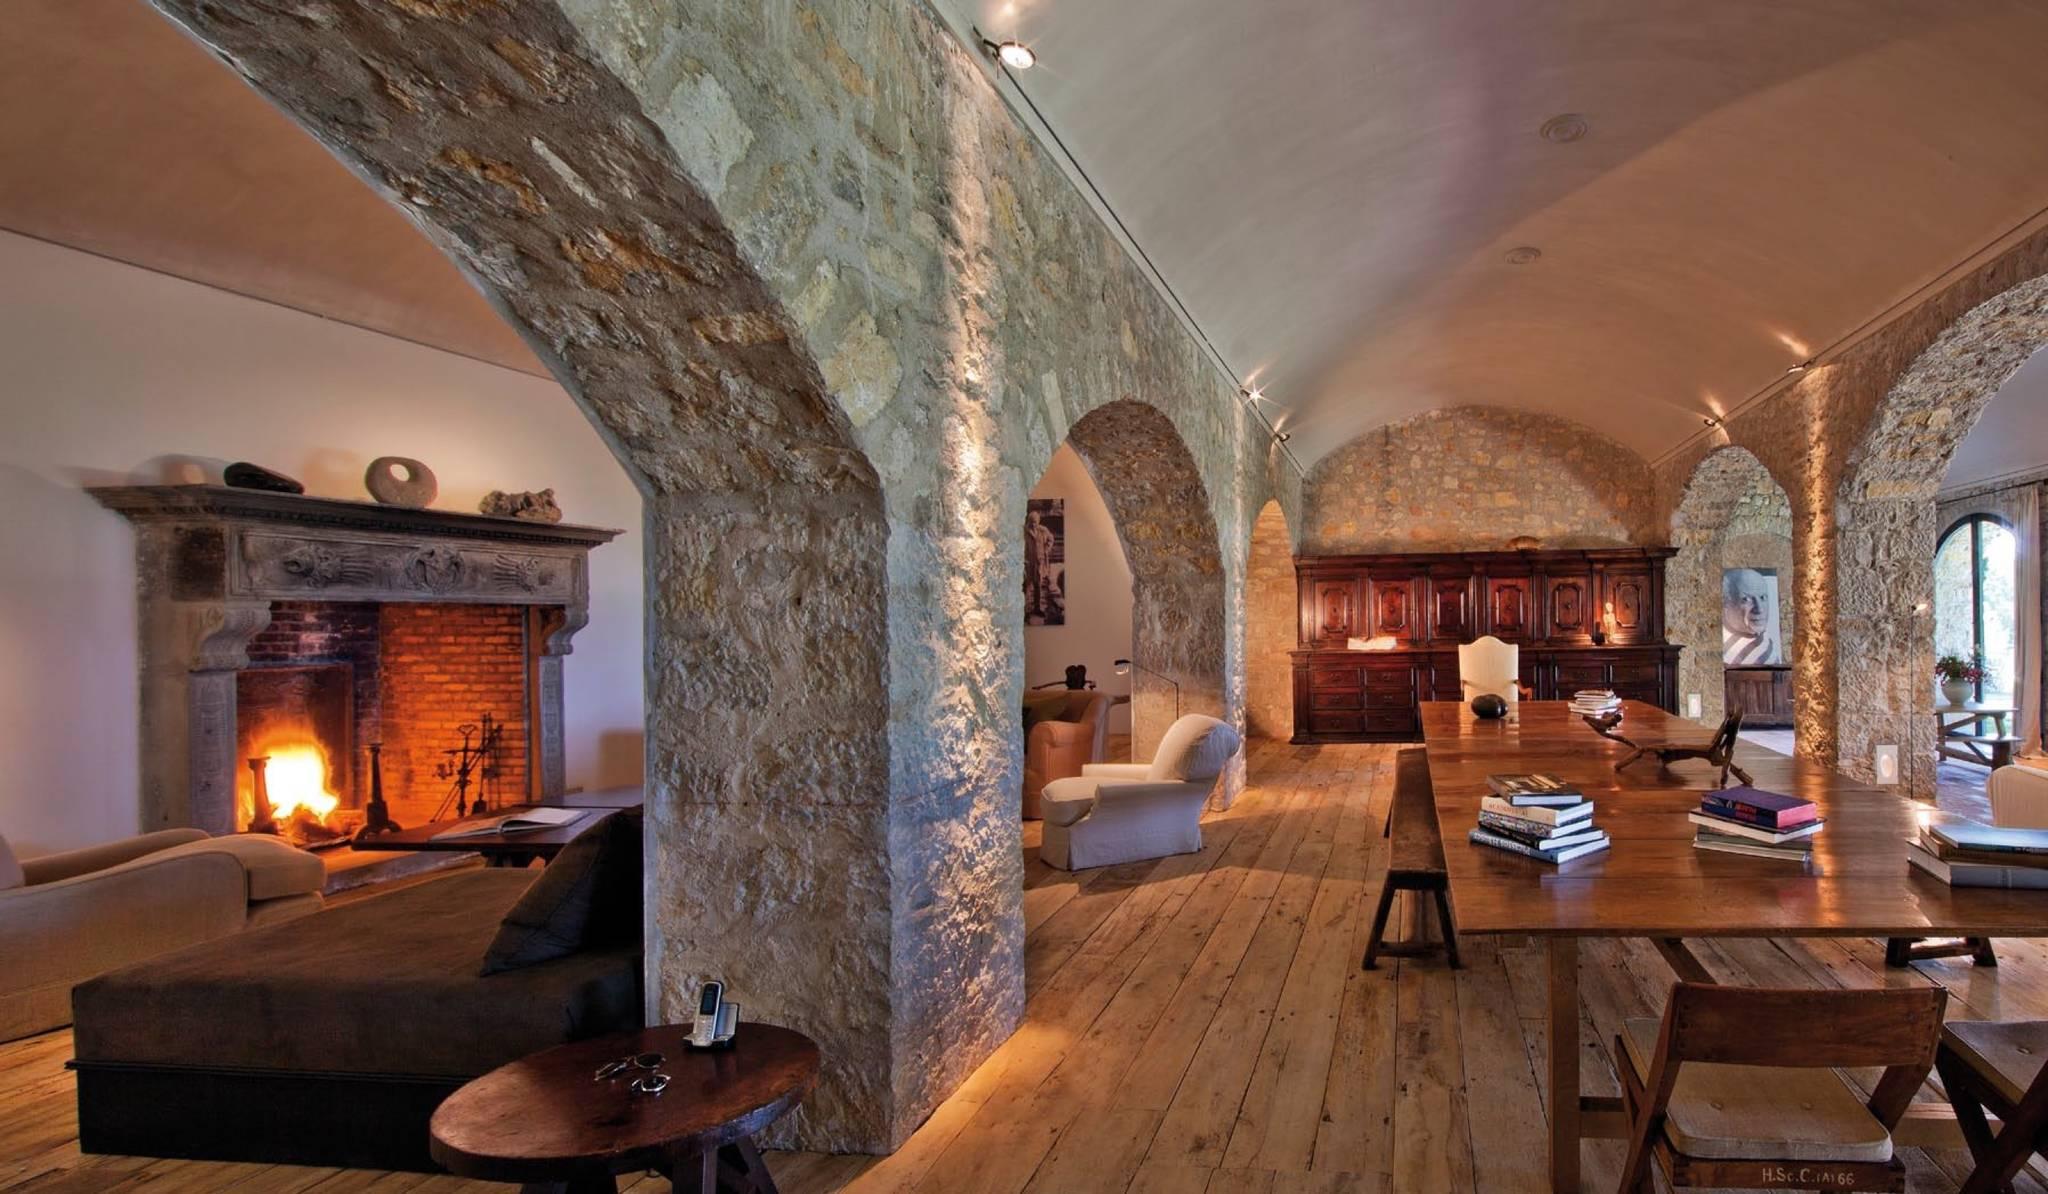 Gli interni della casa di Pablo Picasso